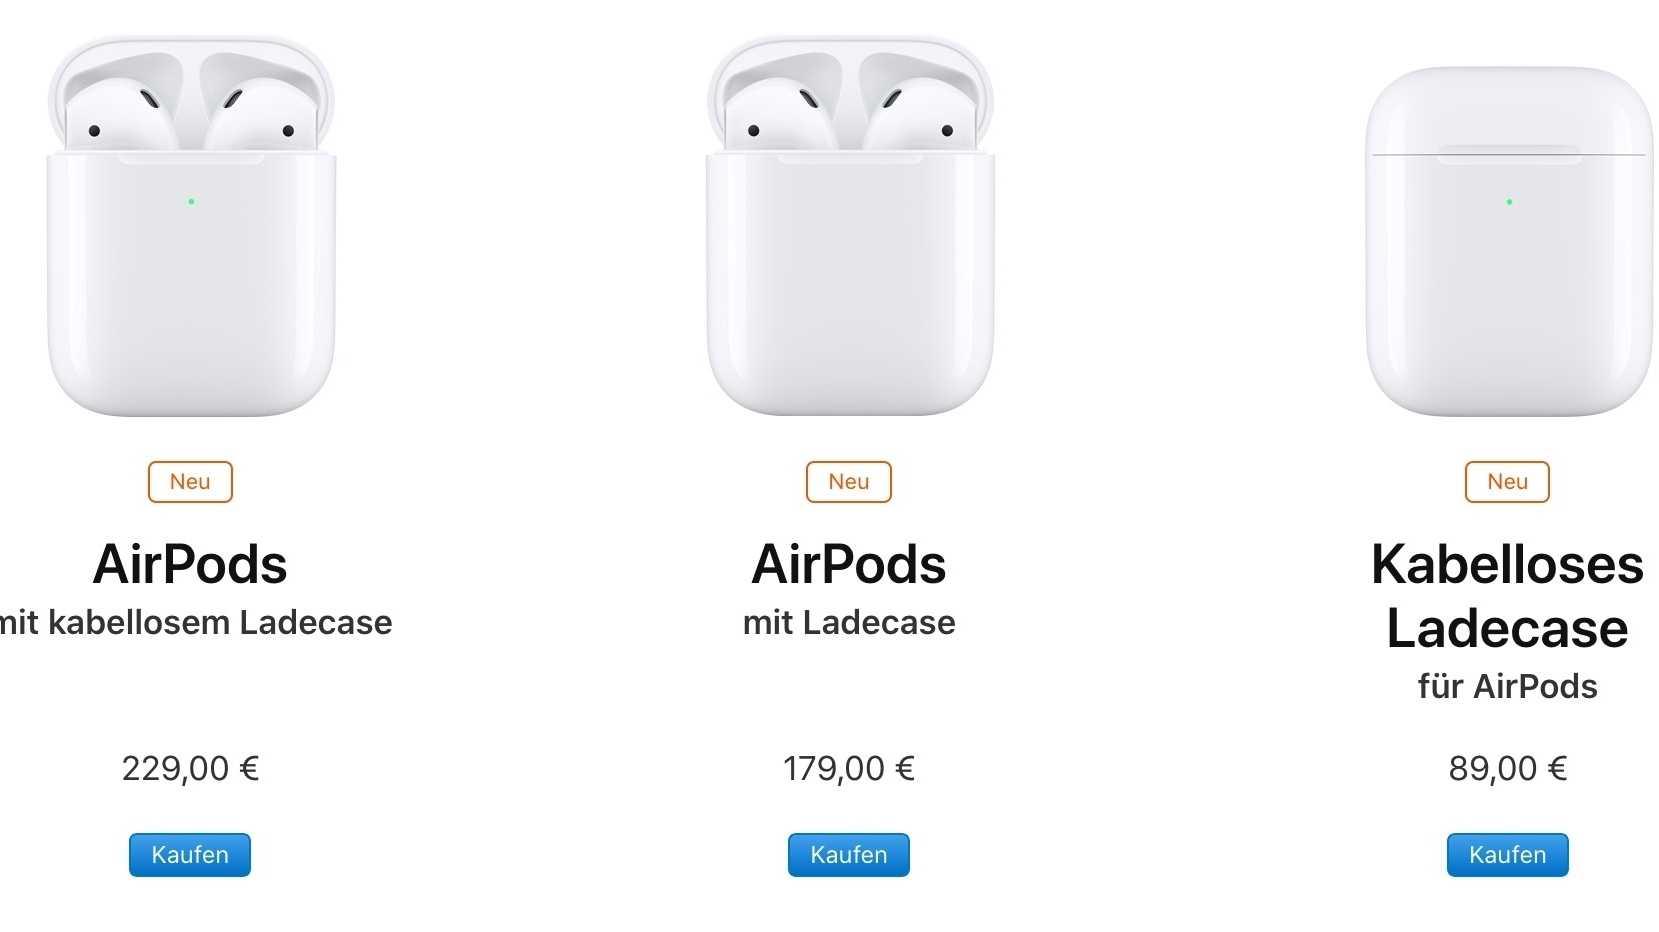 Neue AirPods: Erste Charge bereits ausverkauft